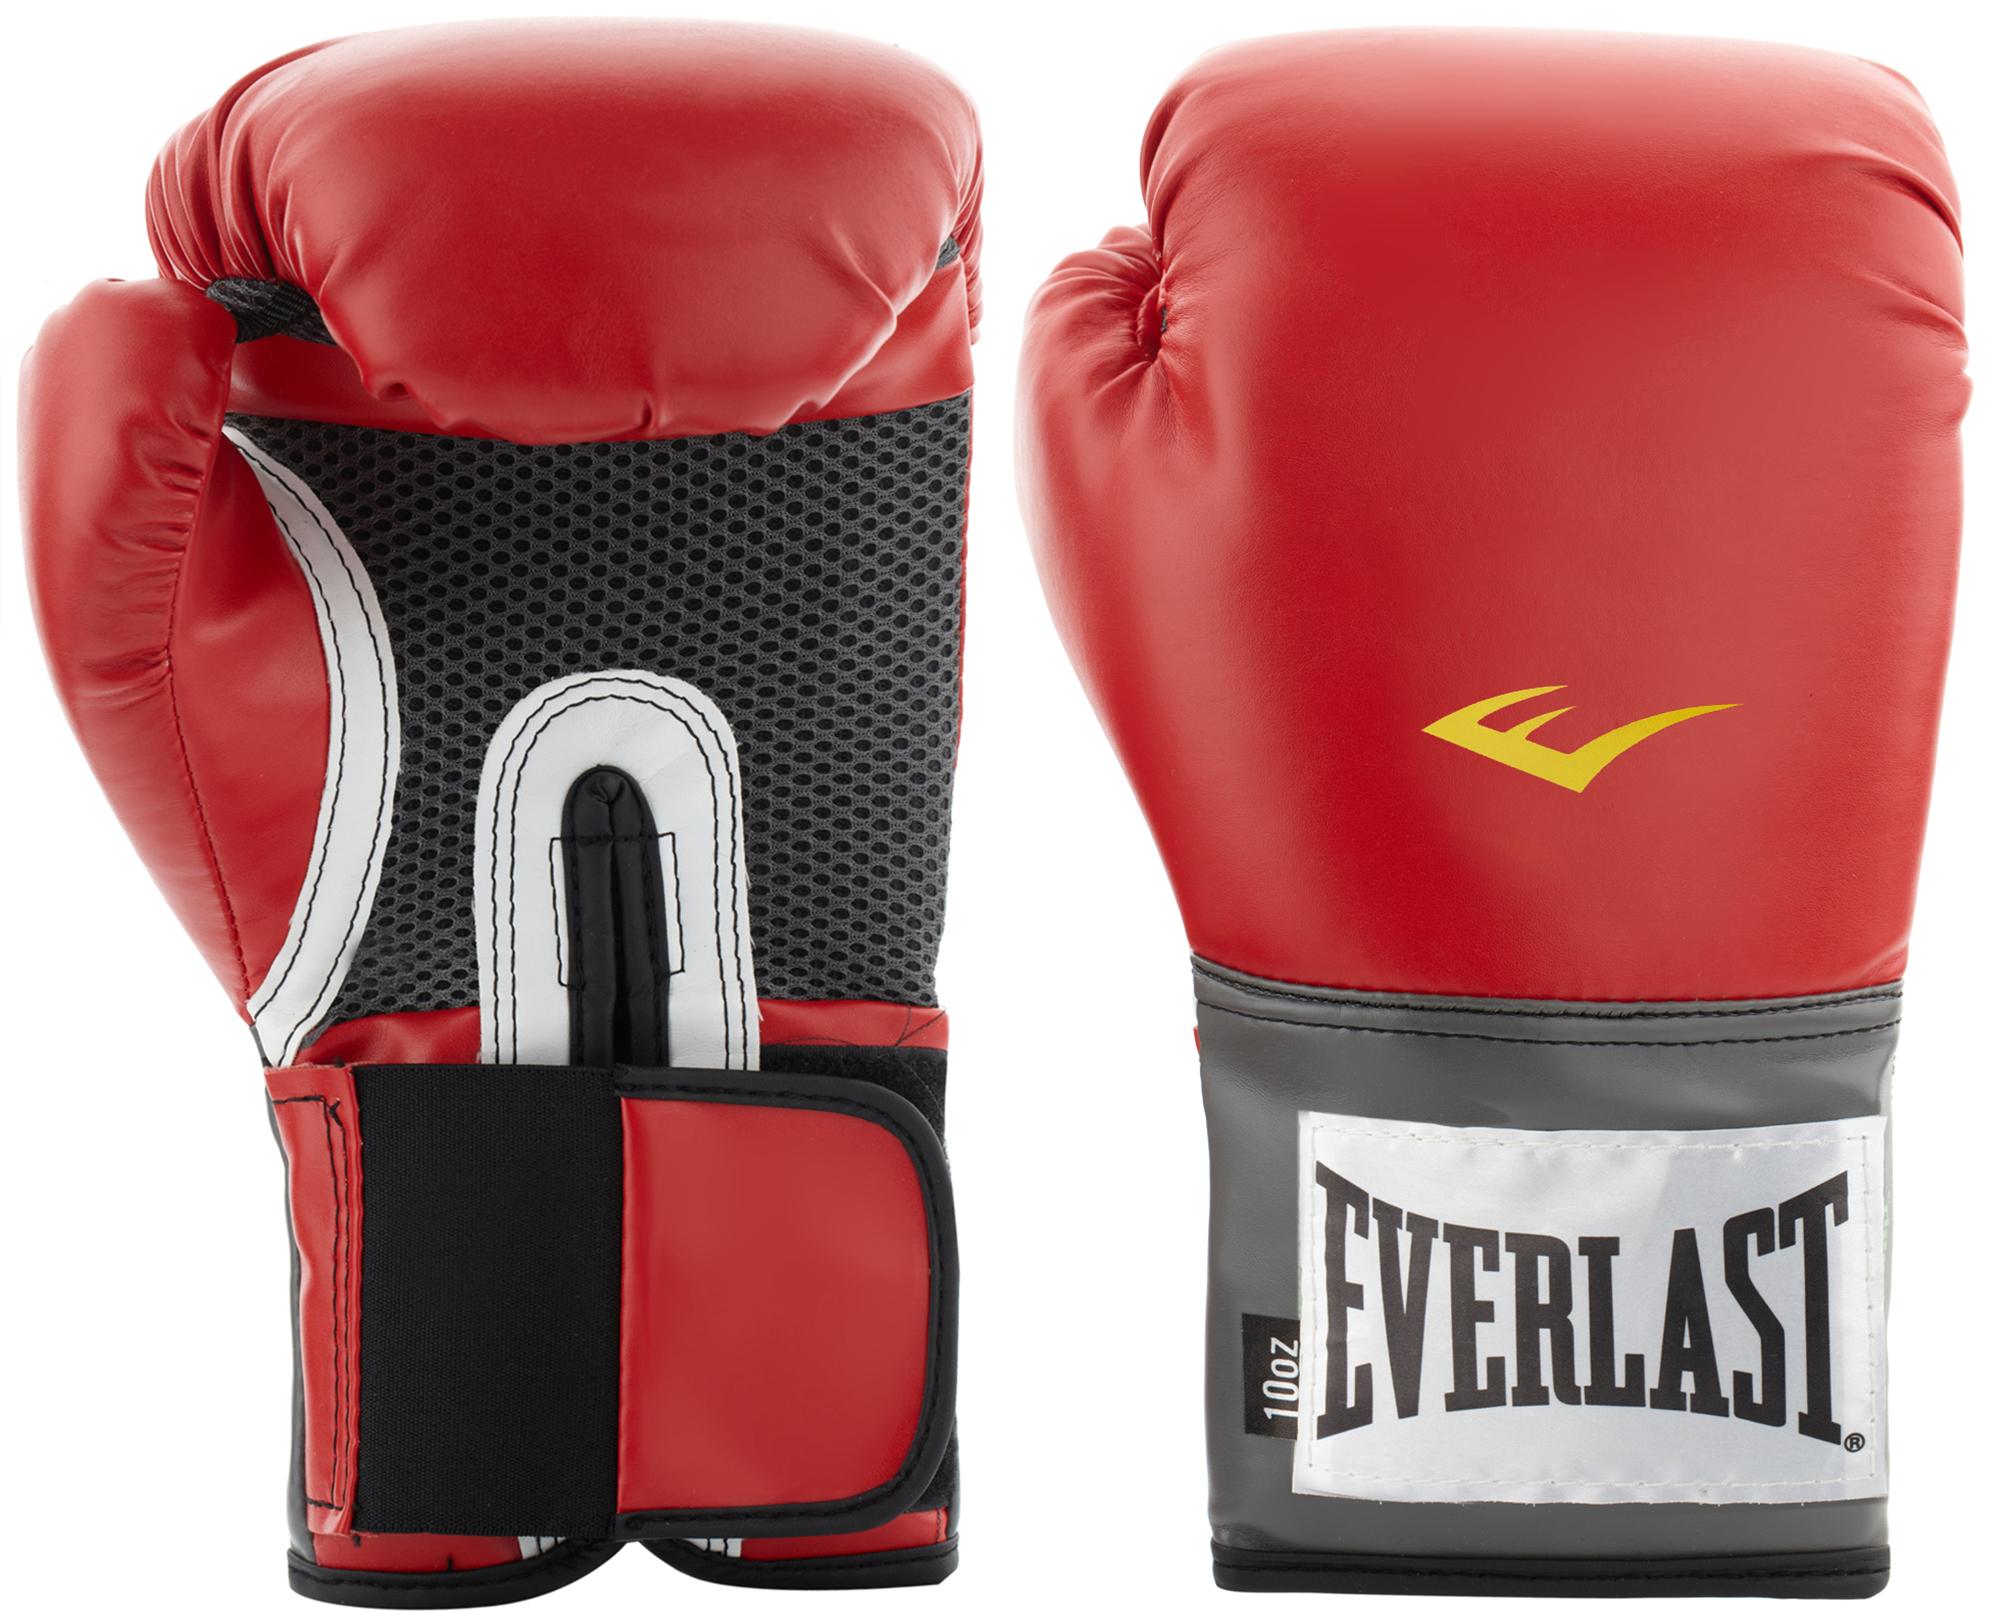 все цены на Everlast Перчатки тренировочные Everlast PU Pro Style, размер 14 oz